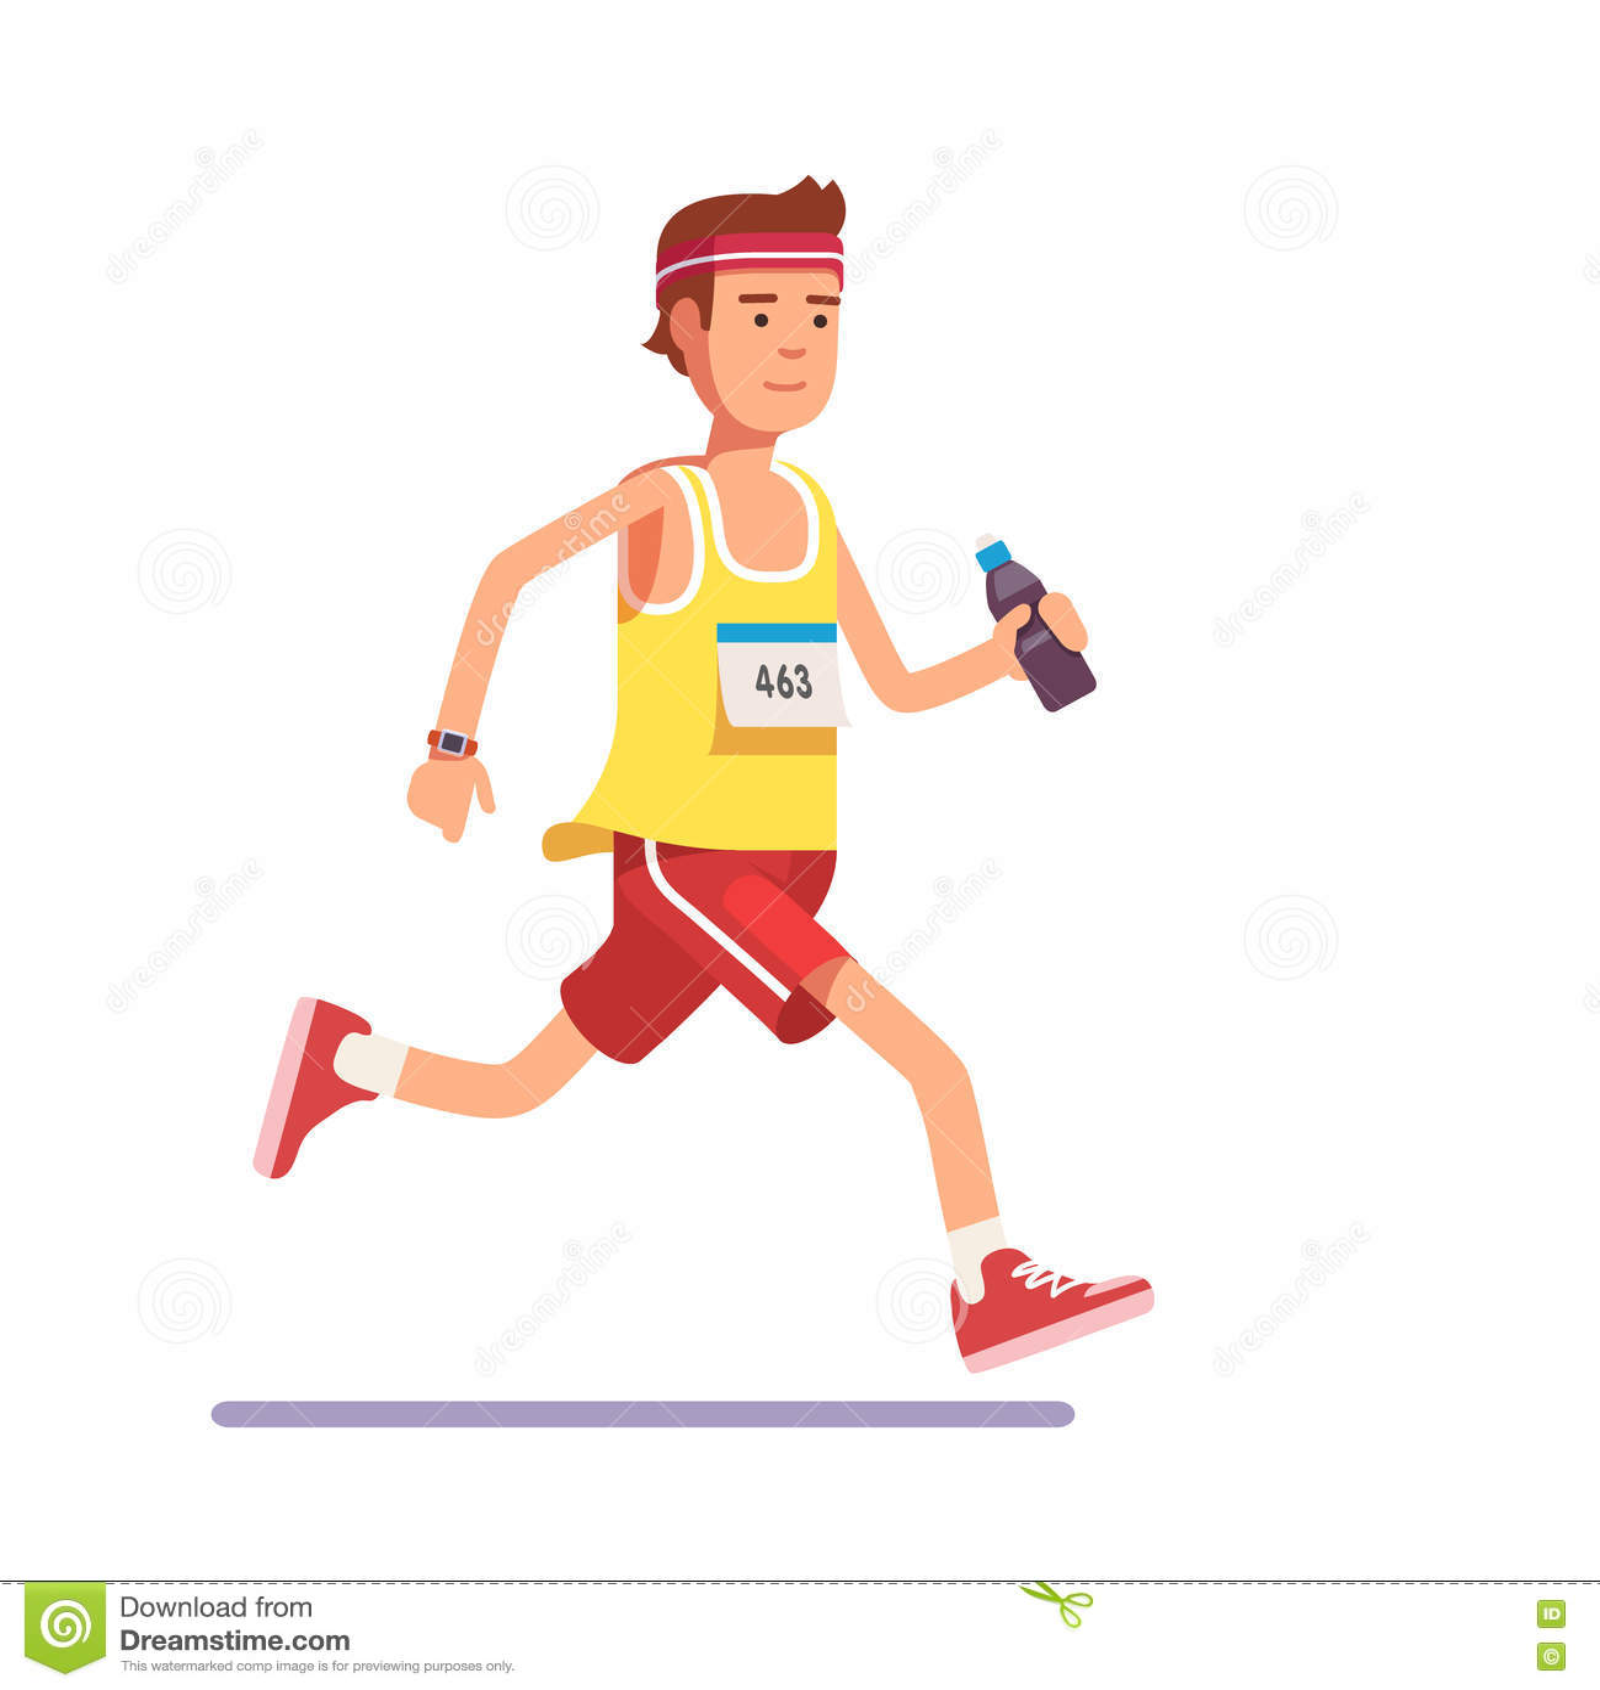 Marathon Man (1976) |Marathon Man Running